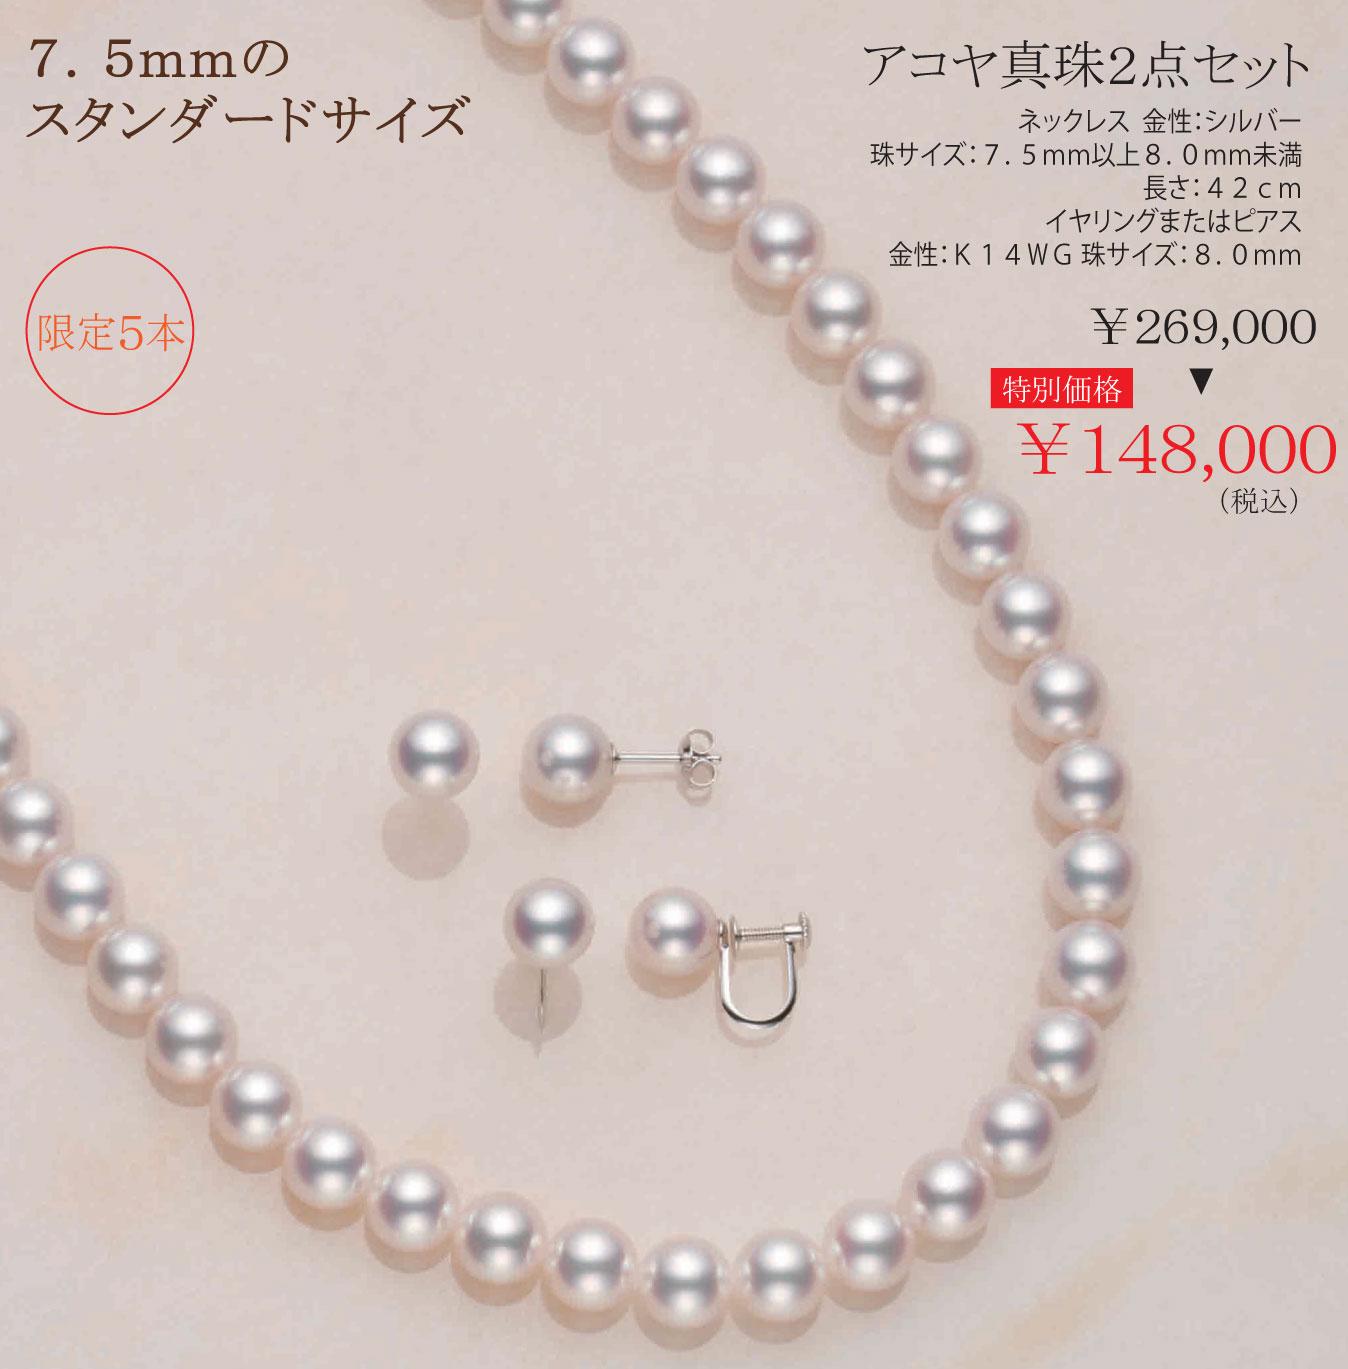 東京真珠パールネックレス特別展示販売会